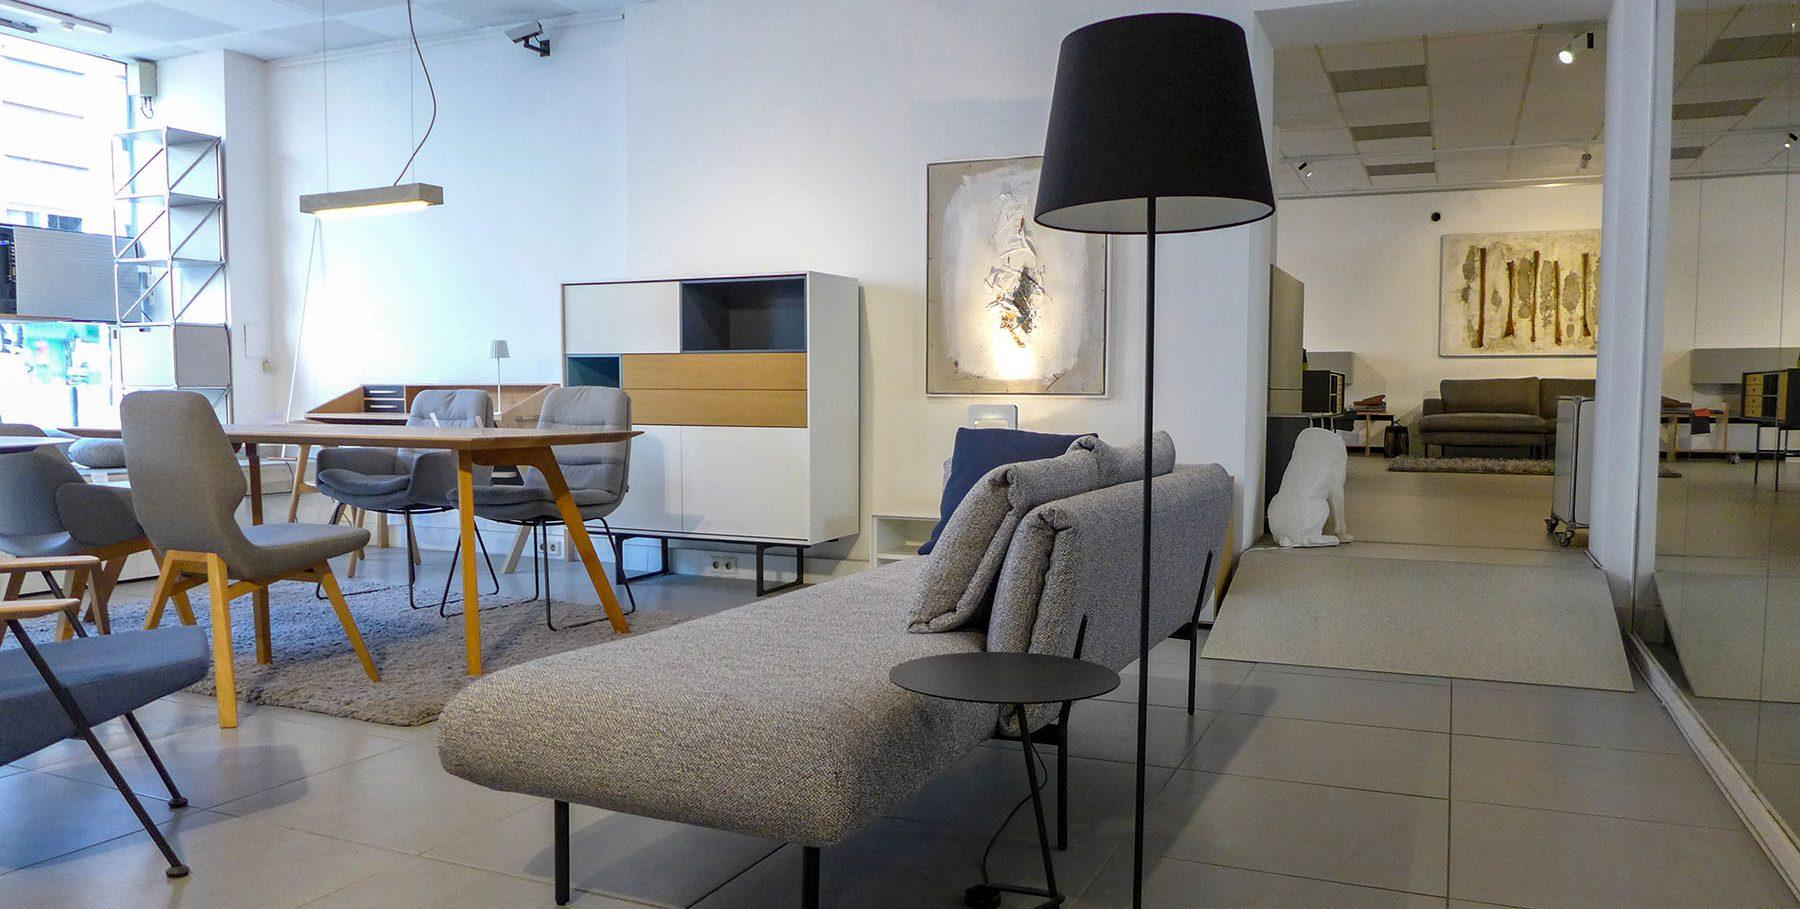 wohn-kulturen möbelgeschäft und designmöbel-spezialist in